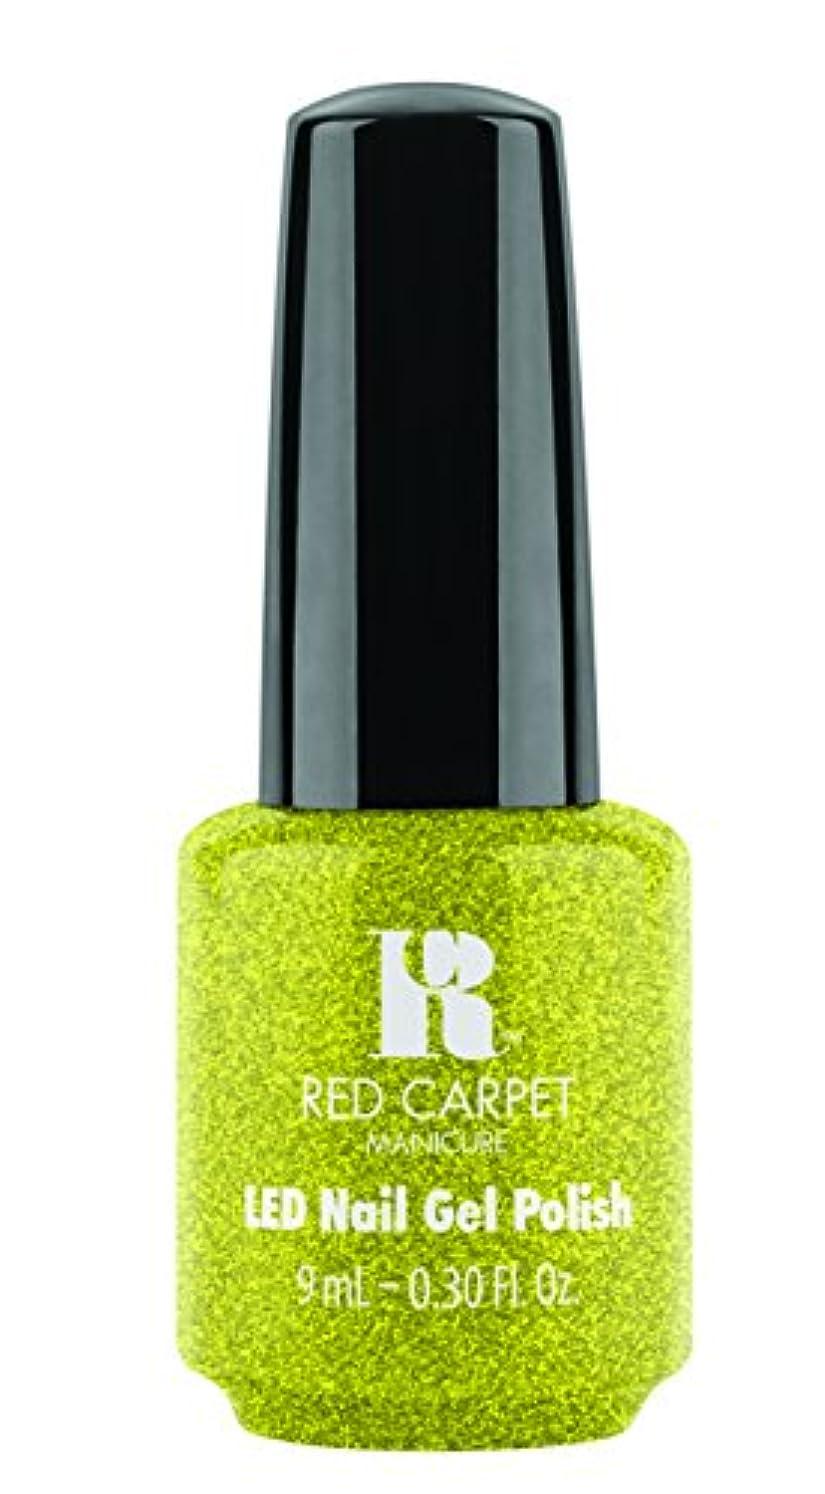 気性く過ちRed Carpet Manicure - LED Nail Gel Polish - Power of the Gemstones - Peridot - 0.3oz/9ml